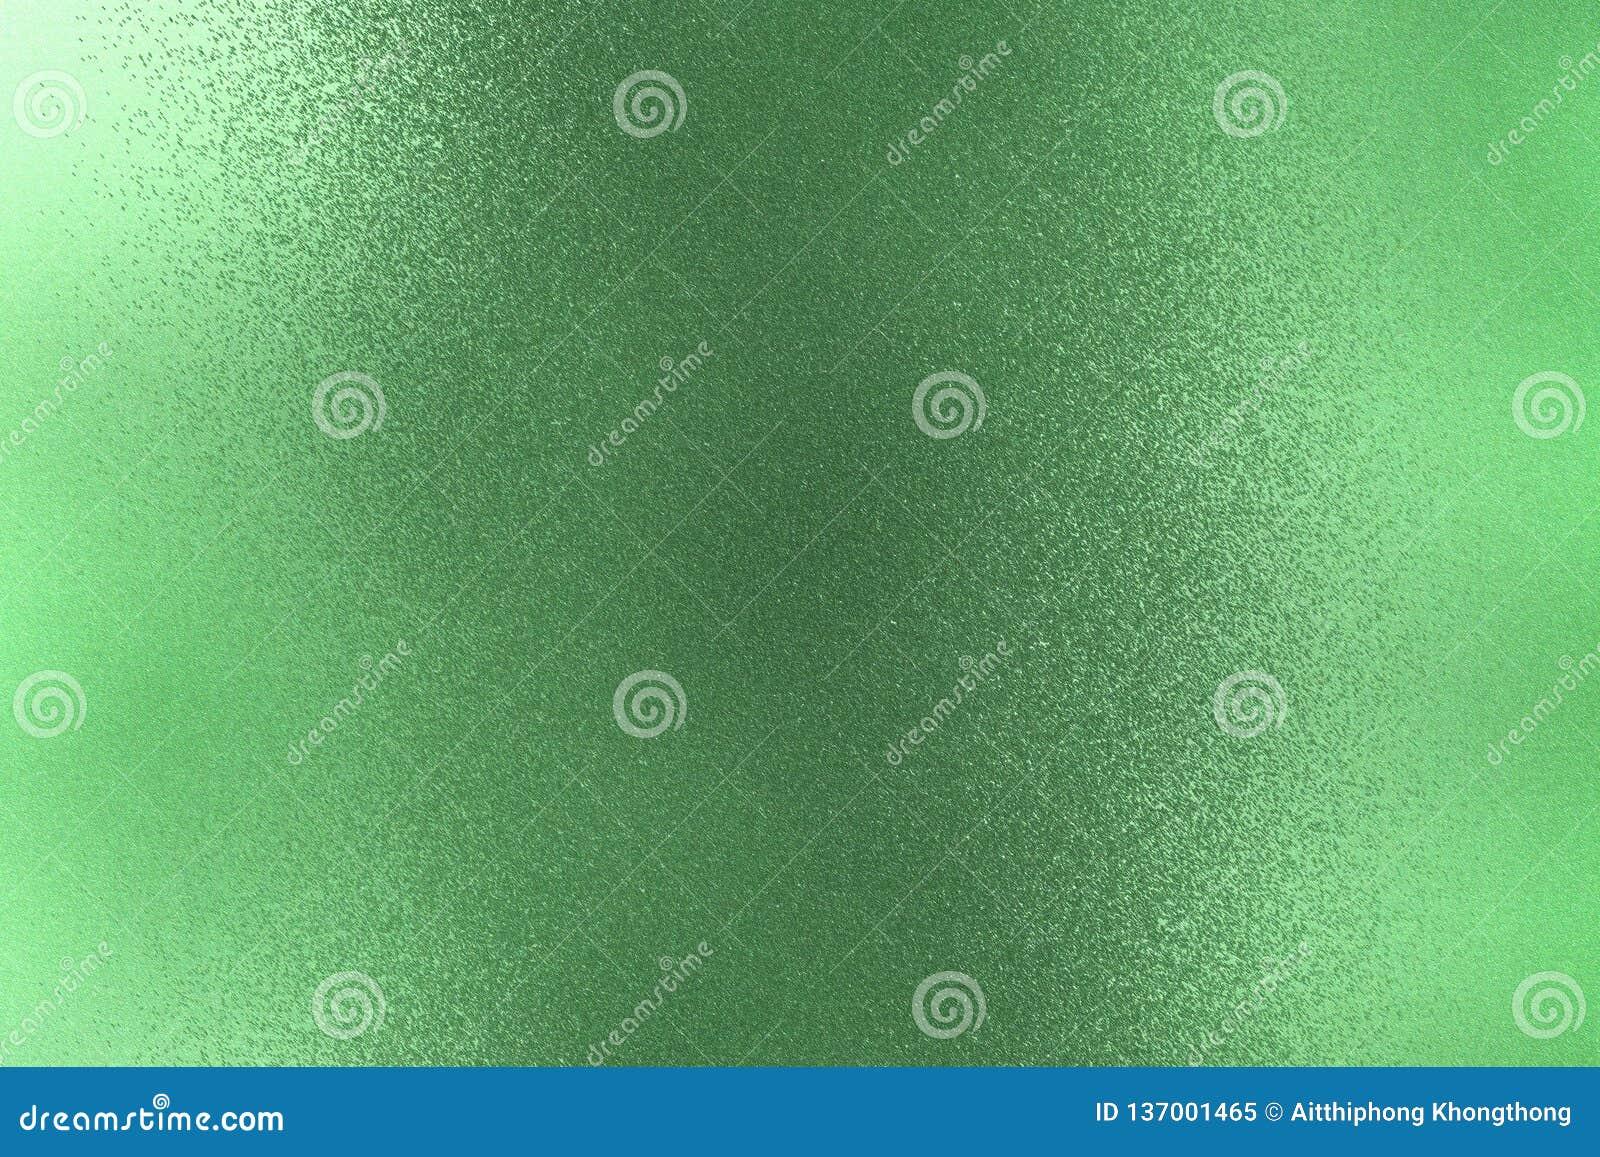 Texture De Mur Vert Foncé Rugueux En Métal De Peinture Fond